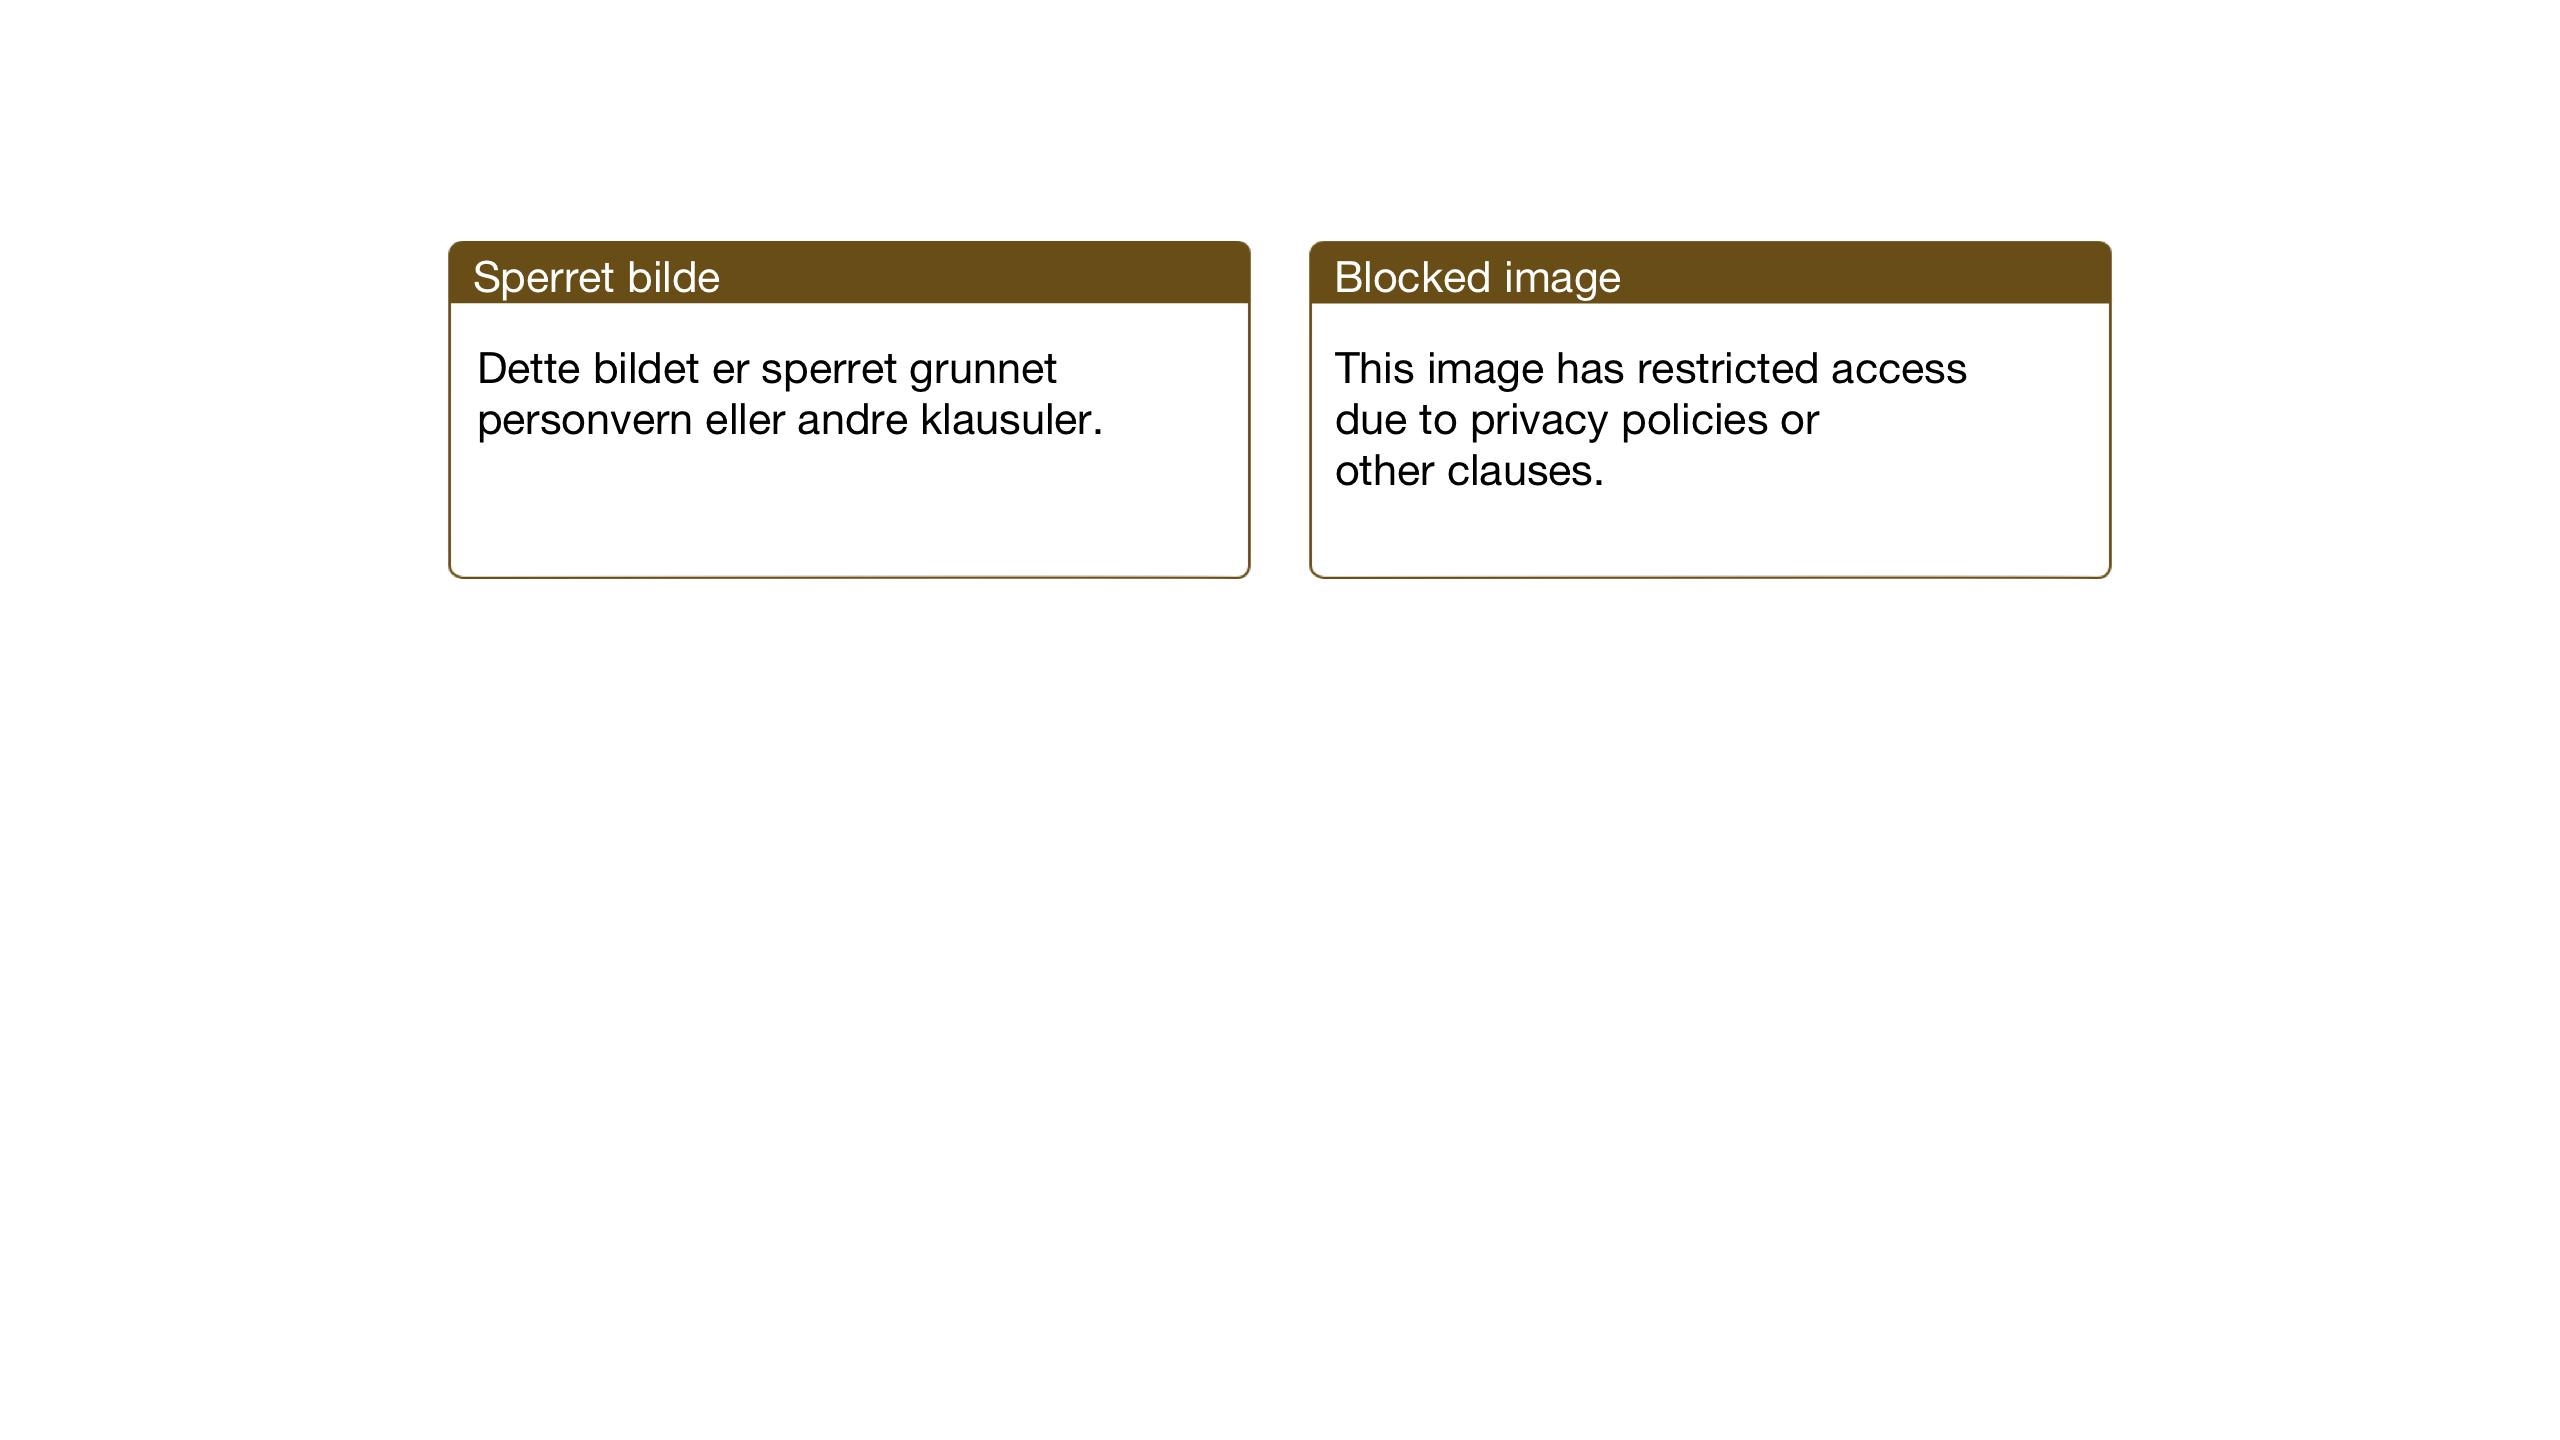 SAT, Ministerialprotokoller, klokkerbøker og fødselsregistre - Nord-Trøndelag, 733/L0328: Klokkerbok nr. 733C03, 1919-1966, s. 51